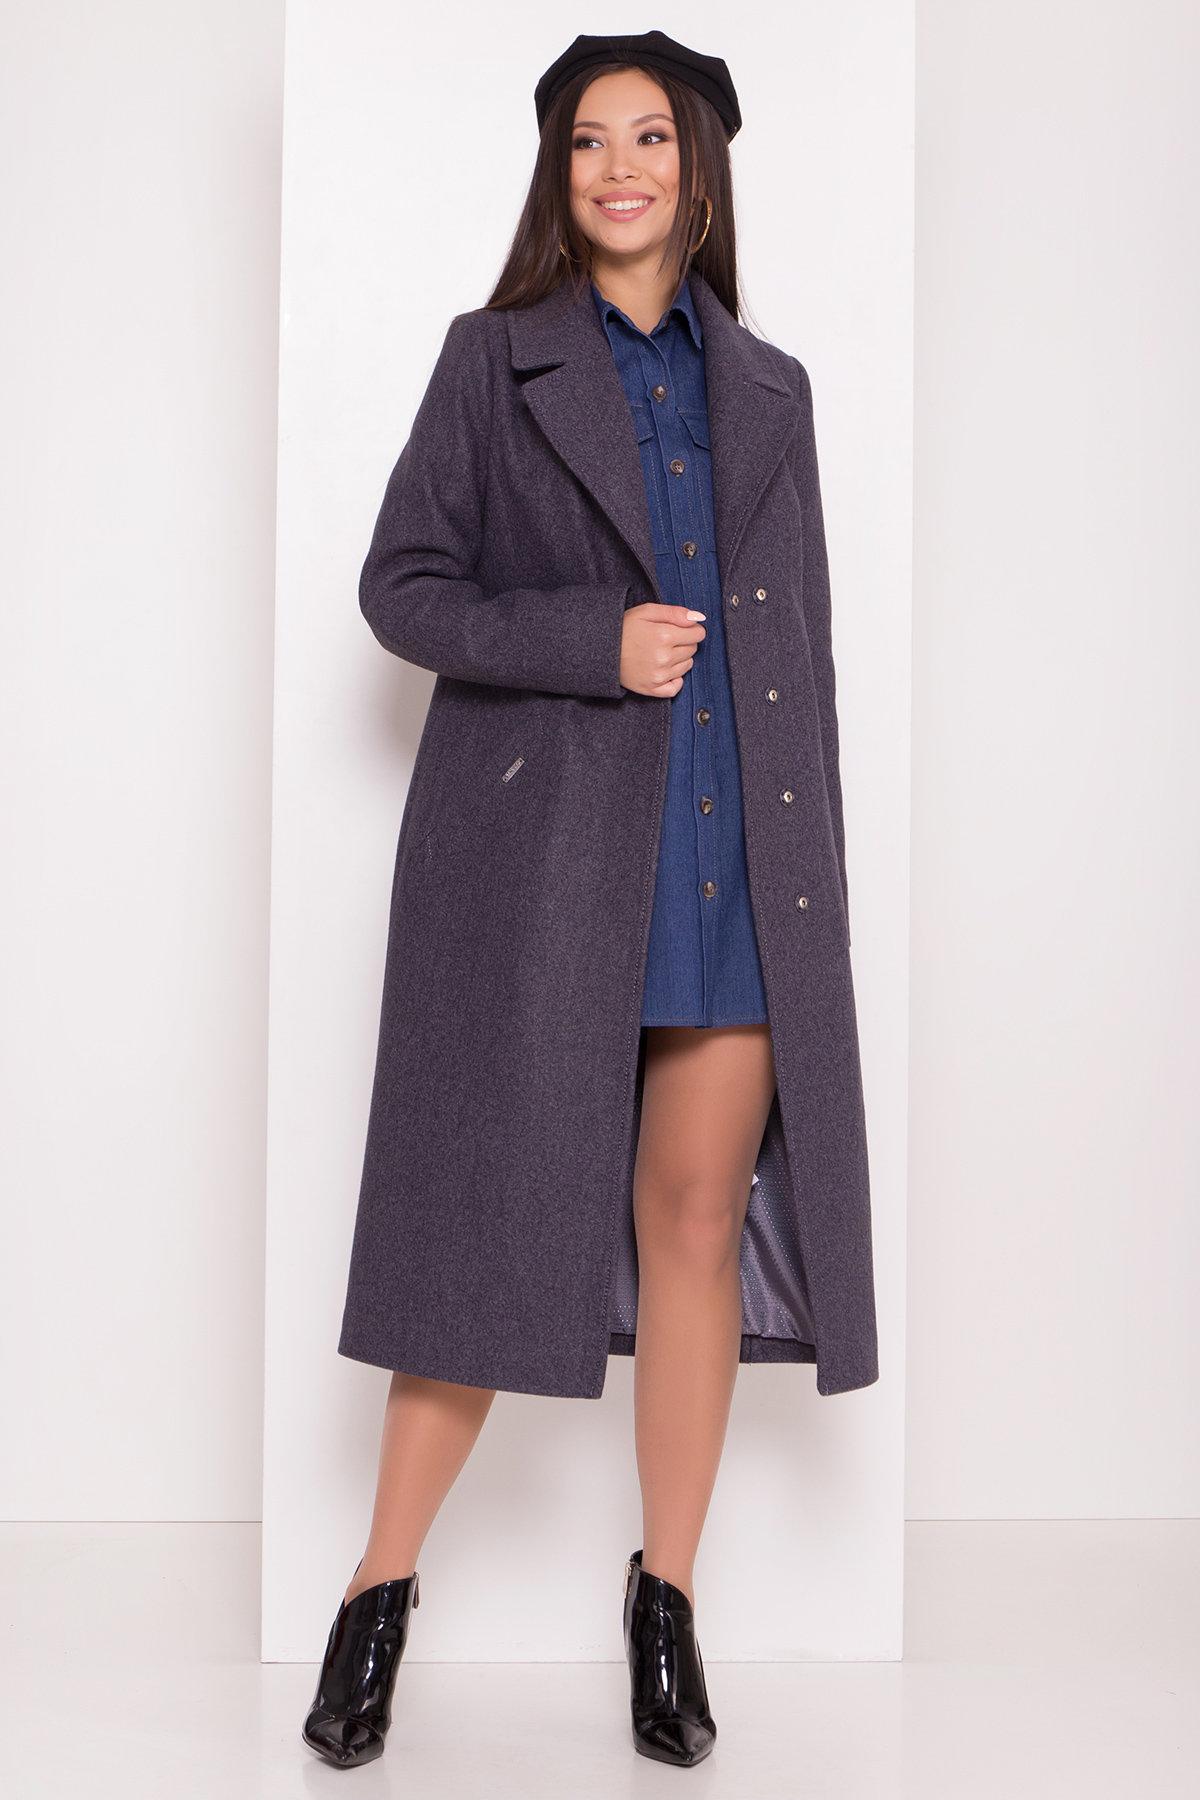 Пальто с английским воротником Миссури макси 8107 АРТ. 44054 Цвет: Т.синий 543 - фото 1, интернет магазин tm-modus.ru